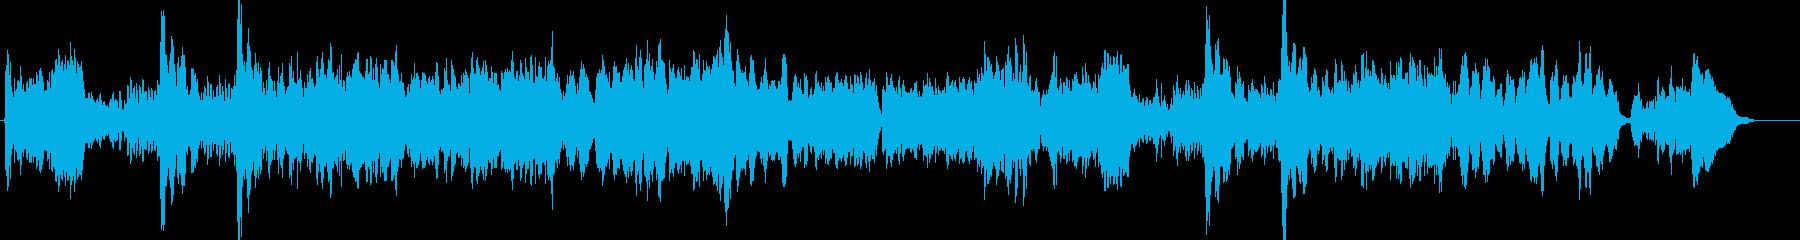 ユーモラスな子犬のワルツの再生済みの波形